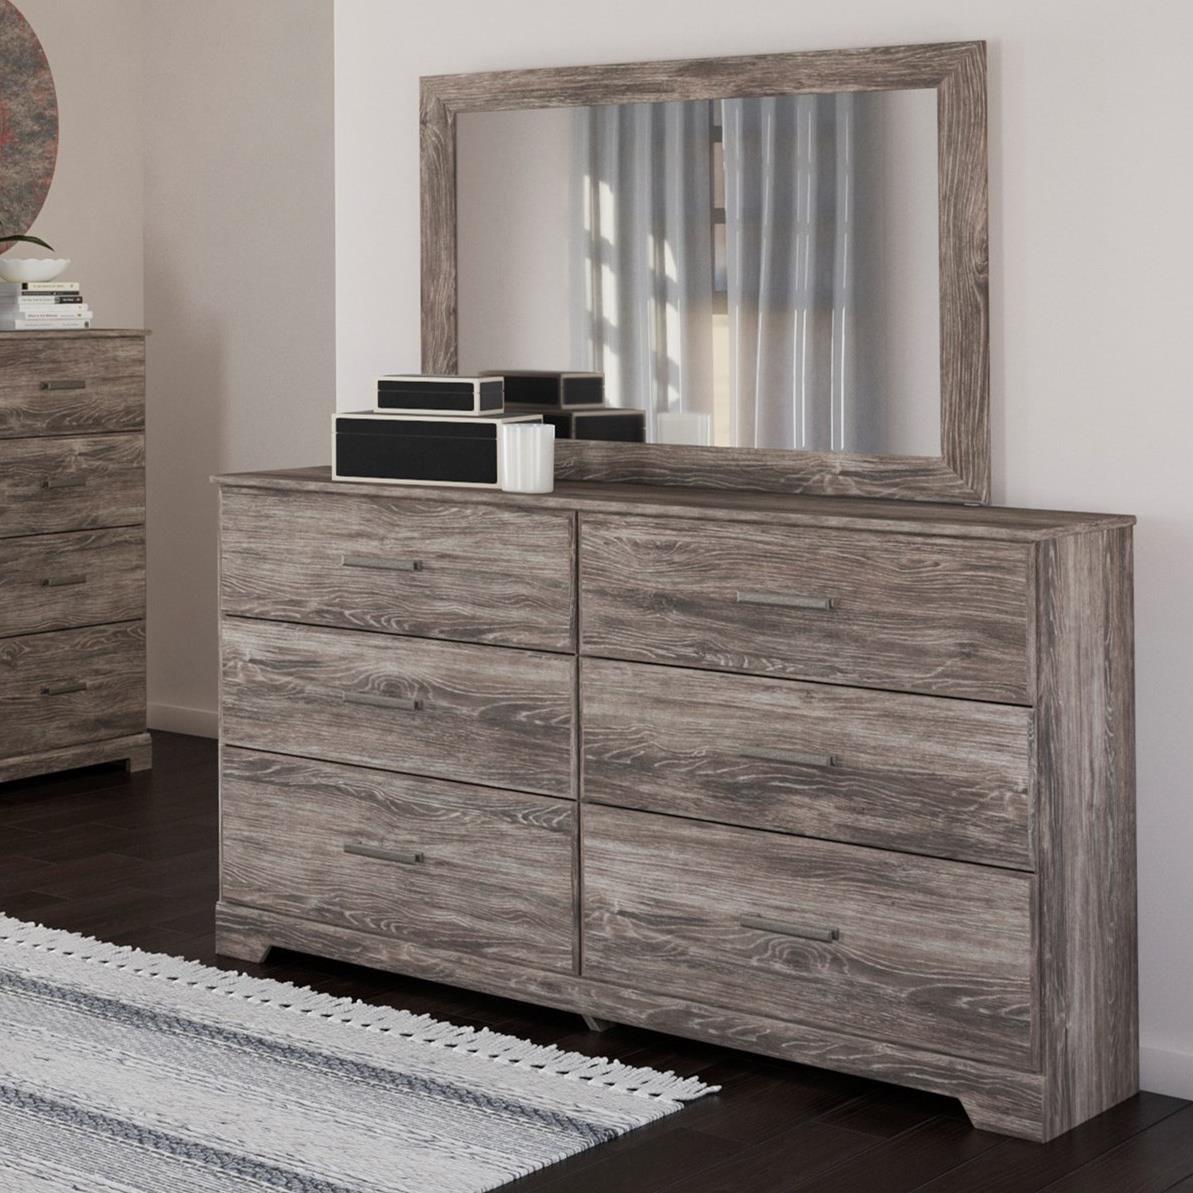 Ralinski Dresser & Bedroom Mirror by StyleLine at EFO Furniture Outlet